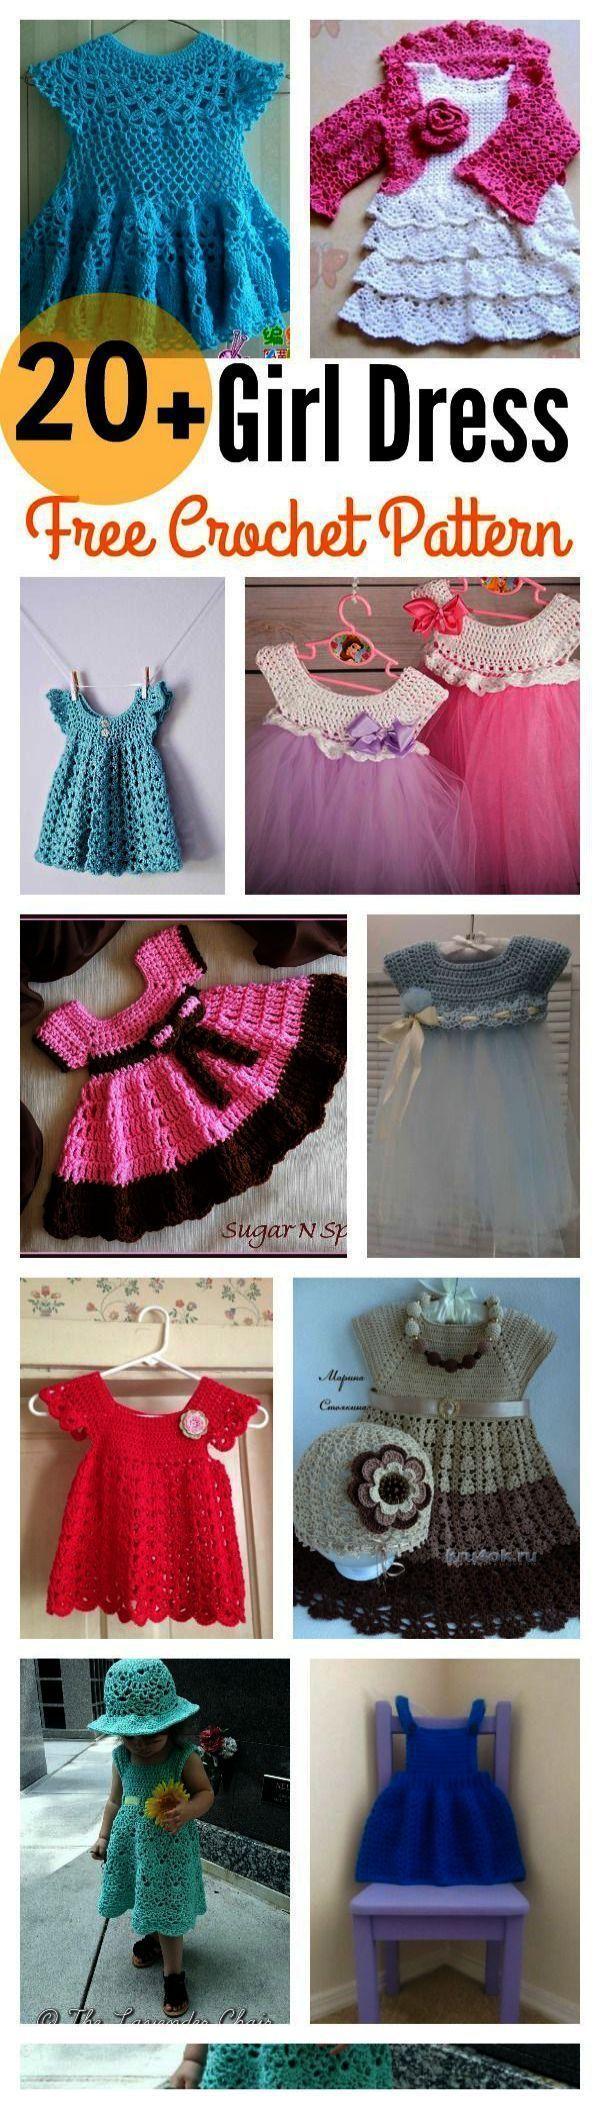 Uncinetto Abiti Per Bambina Online India più di Moda Nova Halter Dress in Cro... - #Baby #Cro #Cr... #uncinettoperbambina